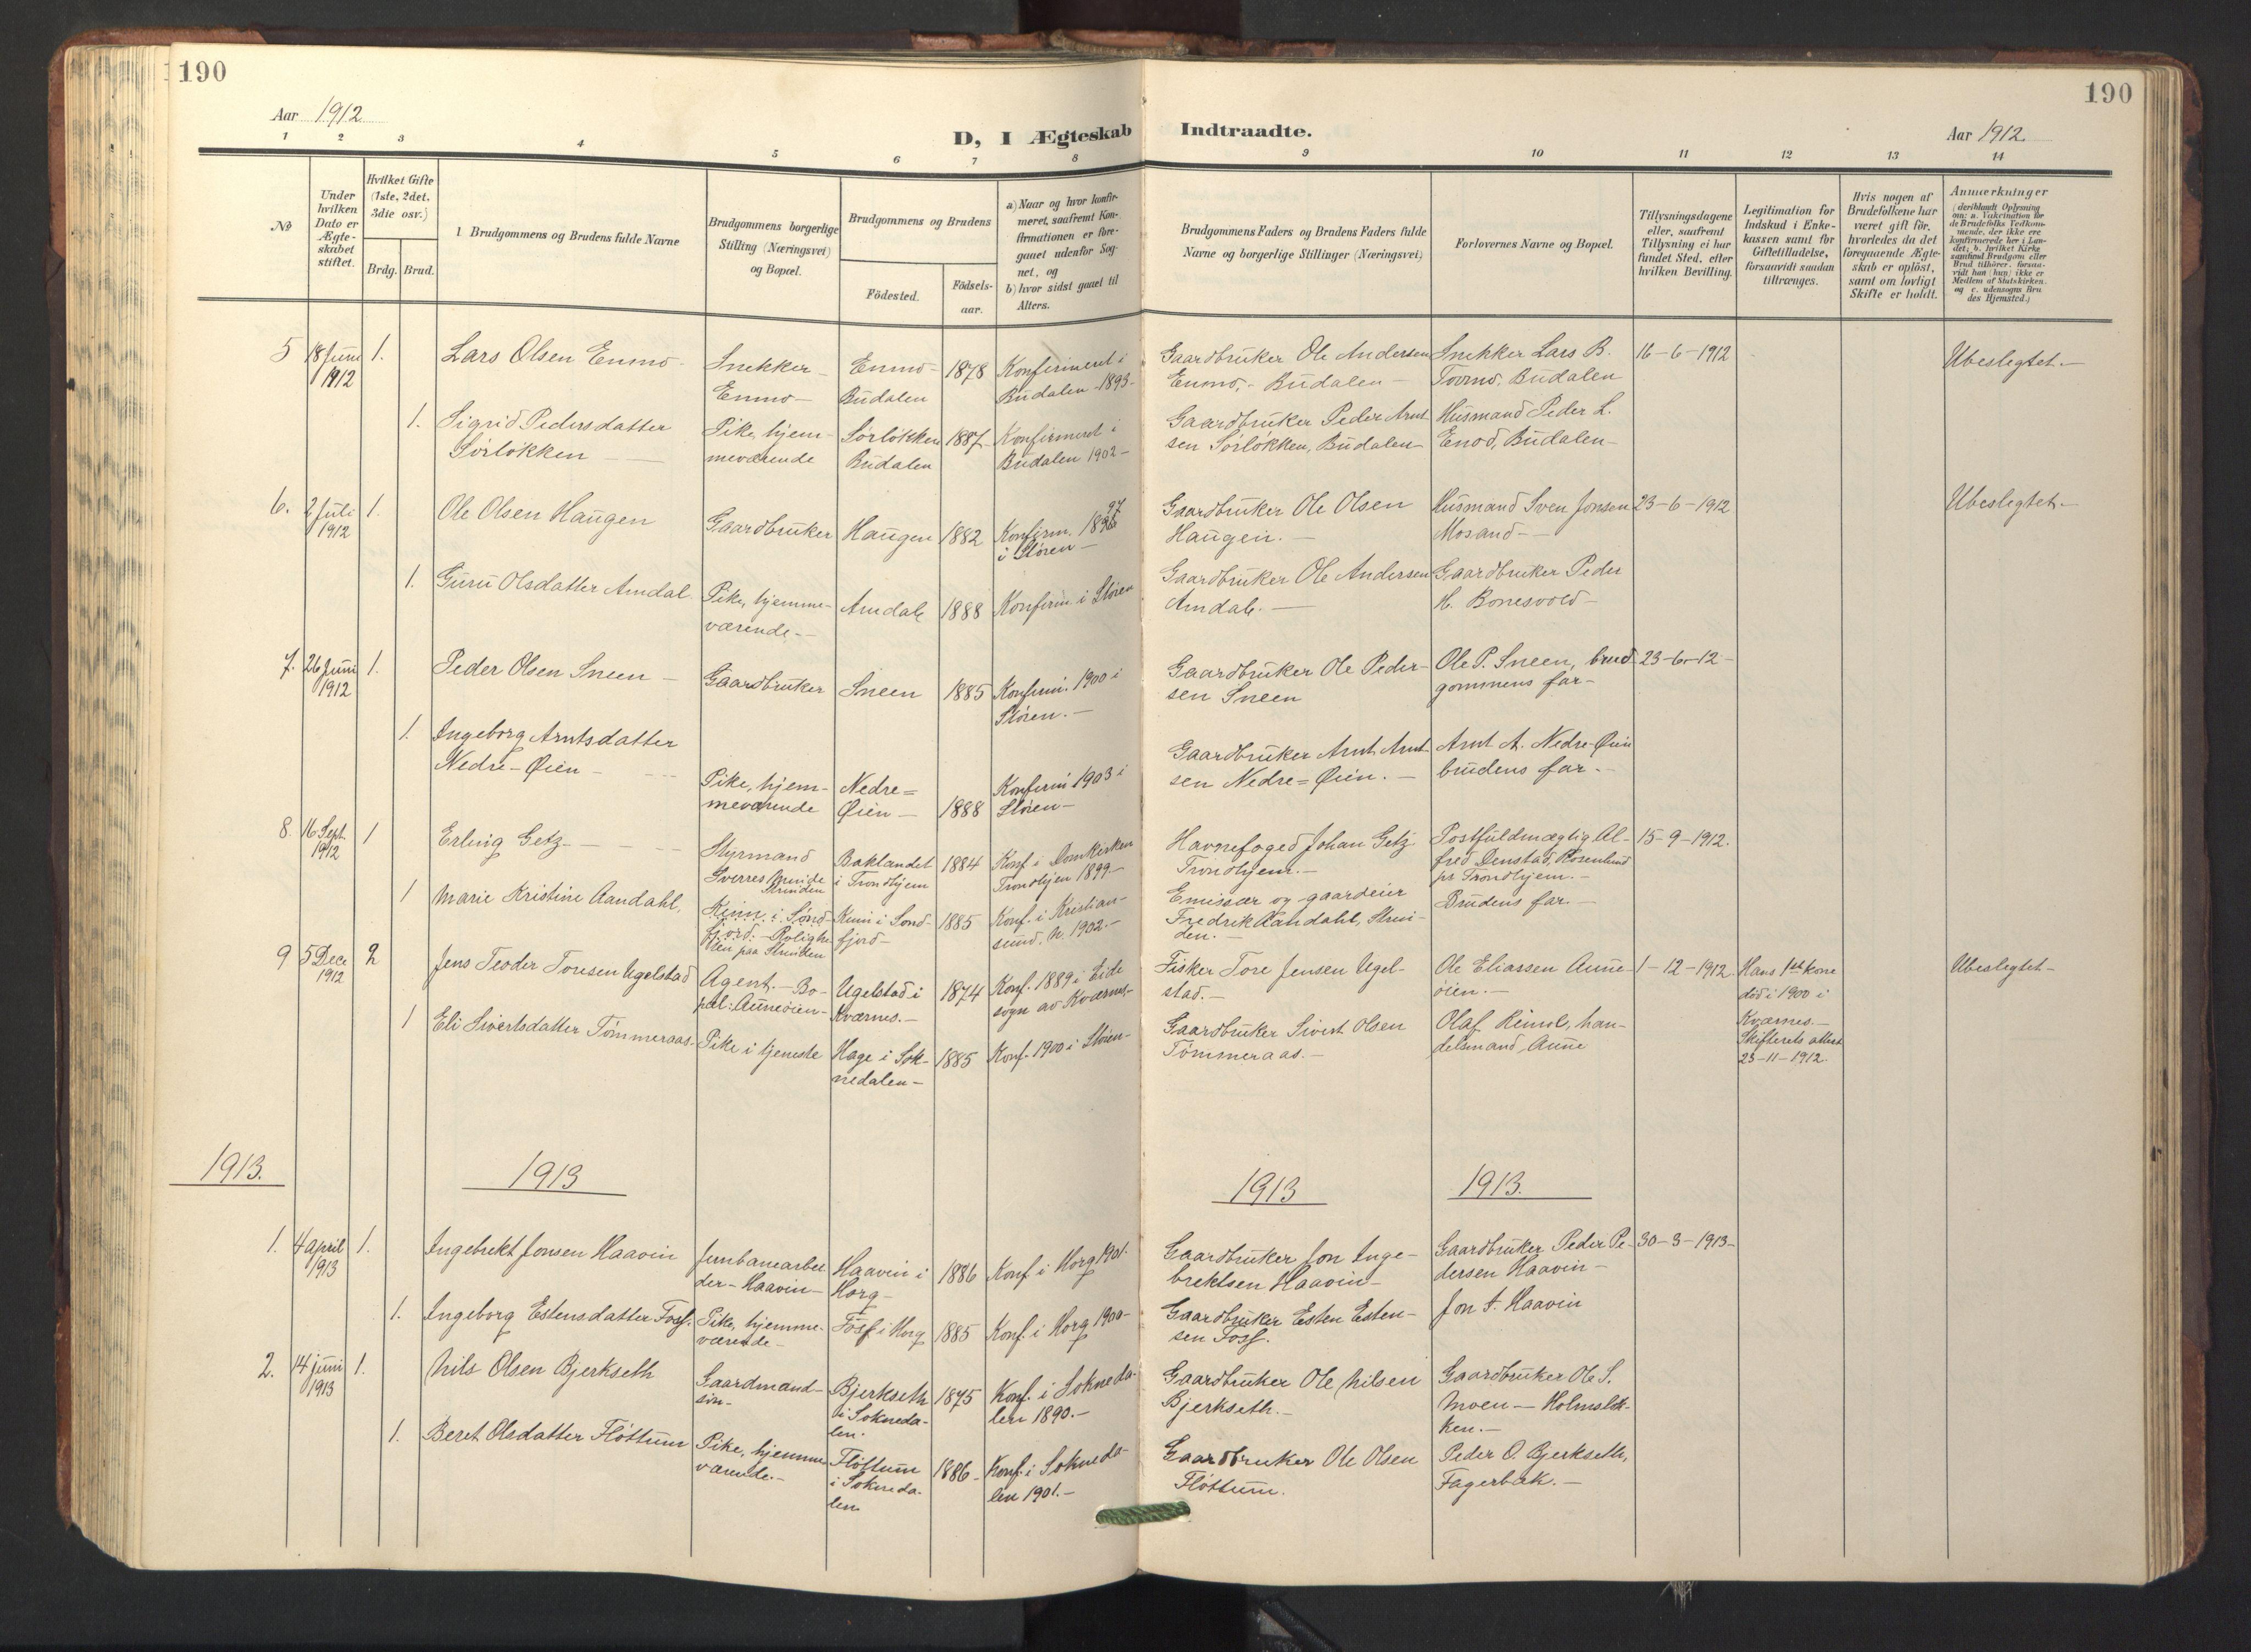 SAT, Ministerialprotokoller, klokkerbøker og fødselsregistre - Sør-Trøndelag, 687/L1019: Klokkerbok nr. 687C03, 1904-1931, s. 190